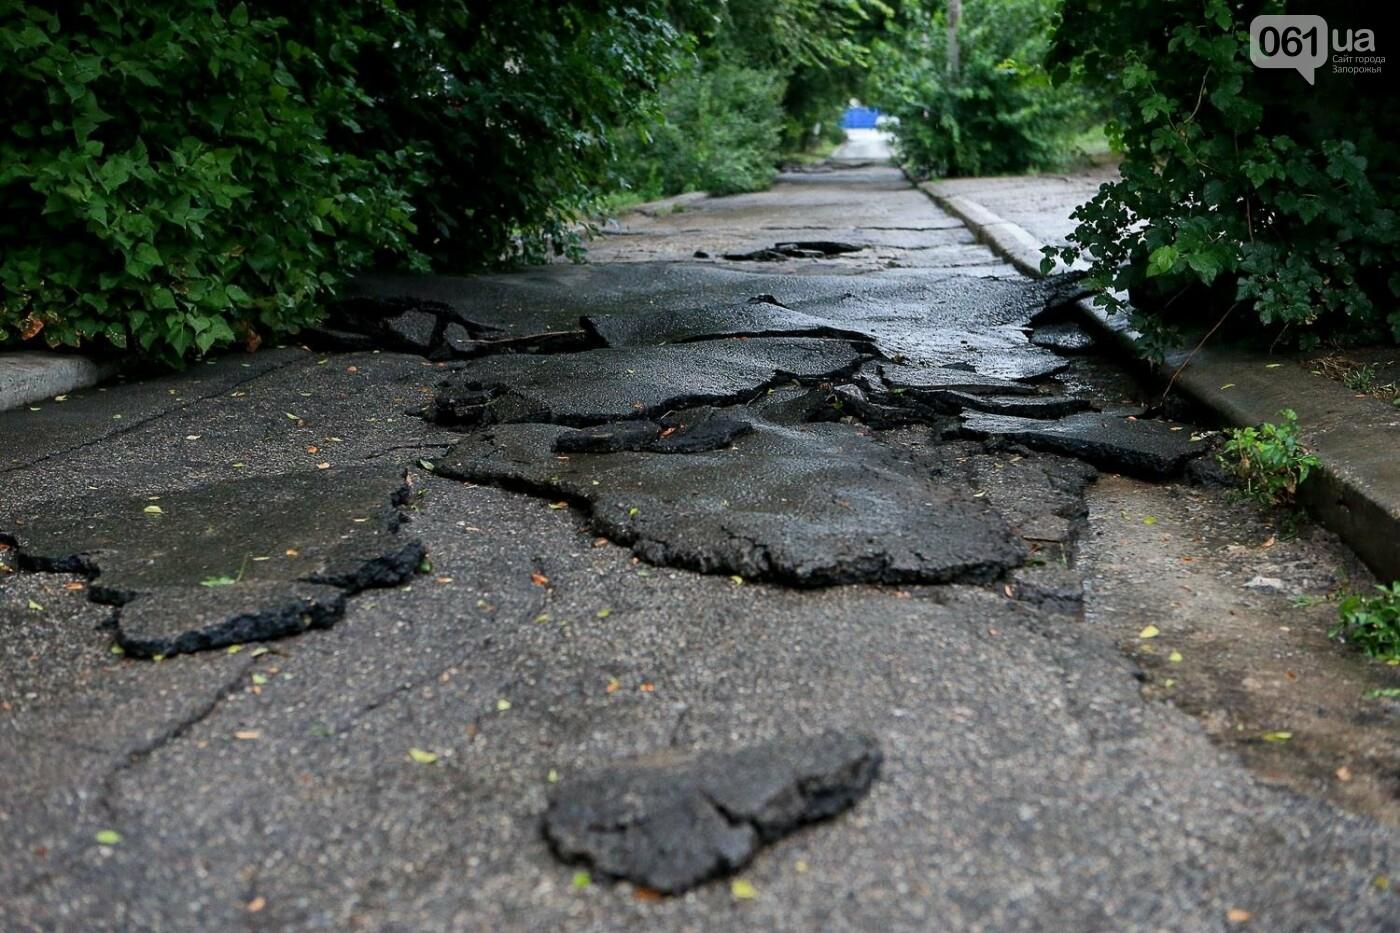 В Запорожье после ливней разрушены дороги: почему это произошло и за чей счет отремонтируют, - ФОТОРЕПОРТАЖ, фото-9